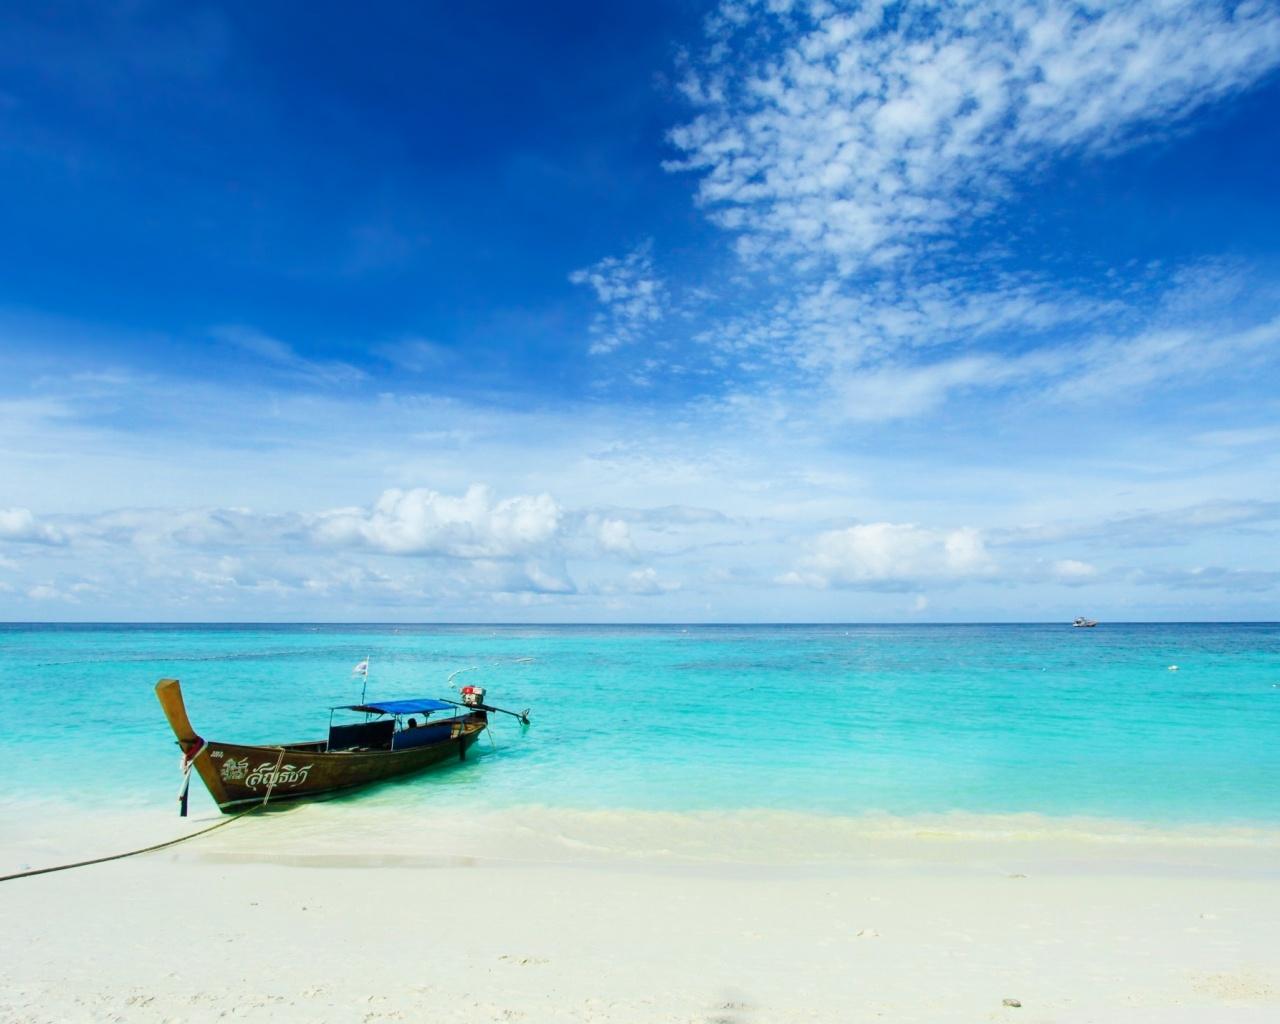 泰国普吉岛6日4晚跟团游·深圳直飞+0自费+五岛环游